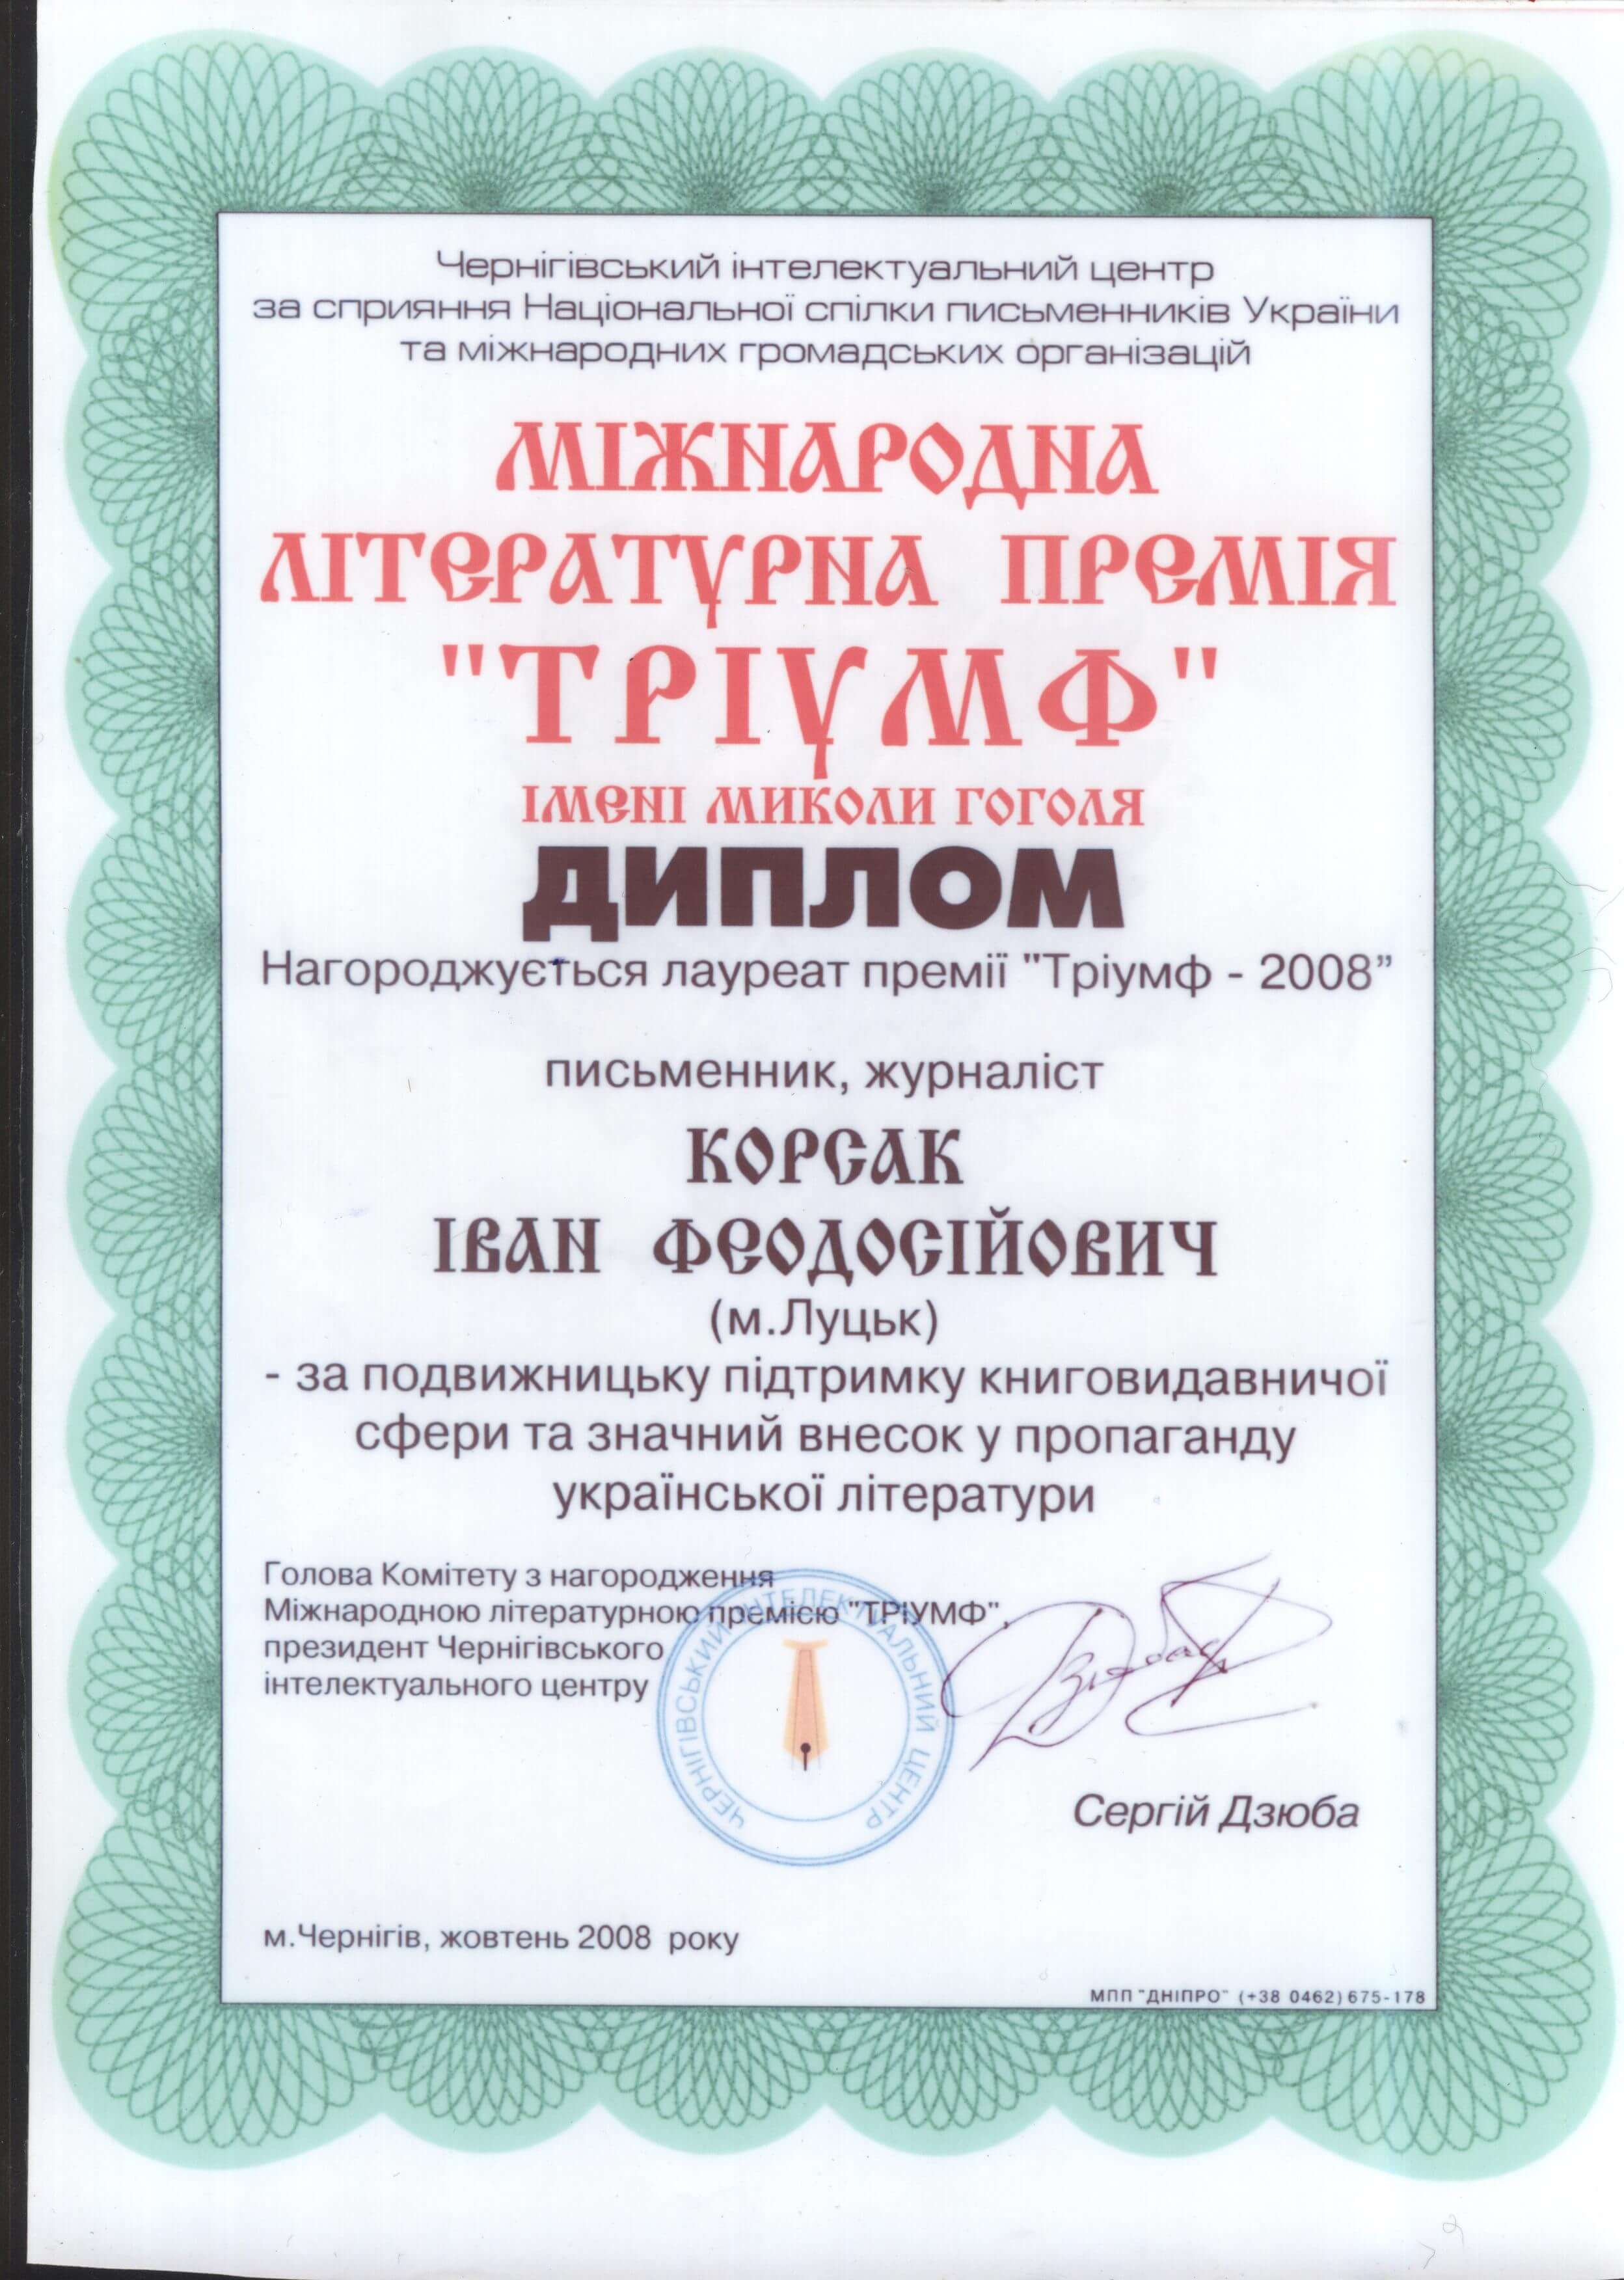 triumf_2008_gogol